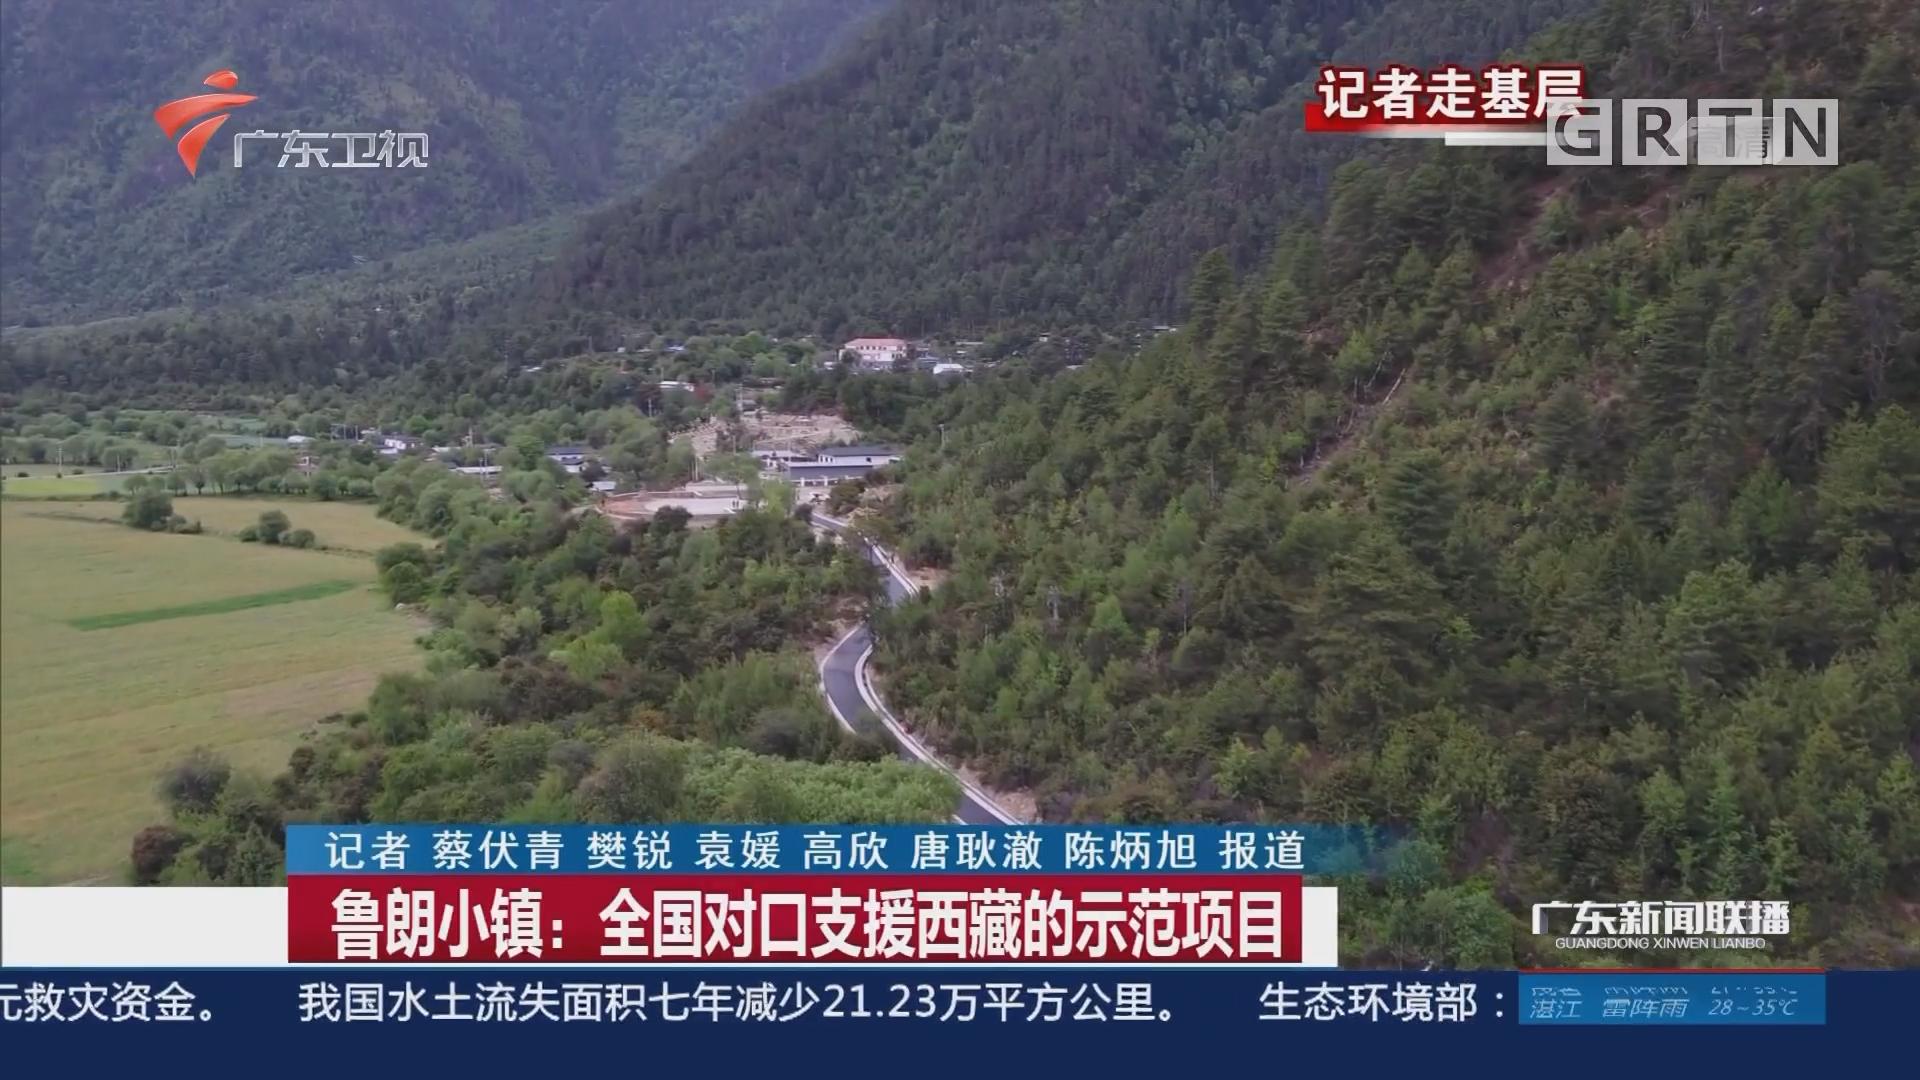 鲁朗小镇:全国对口支援西藏的示范项目